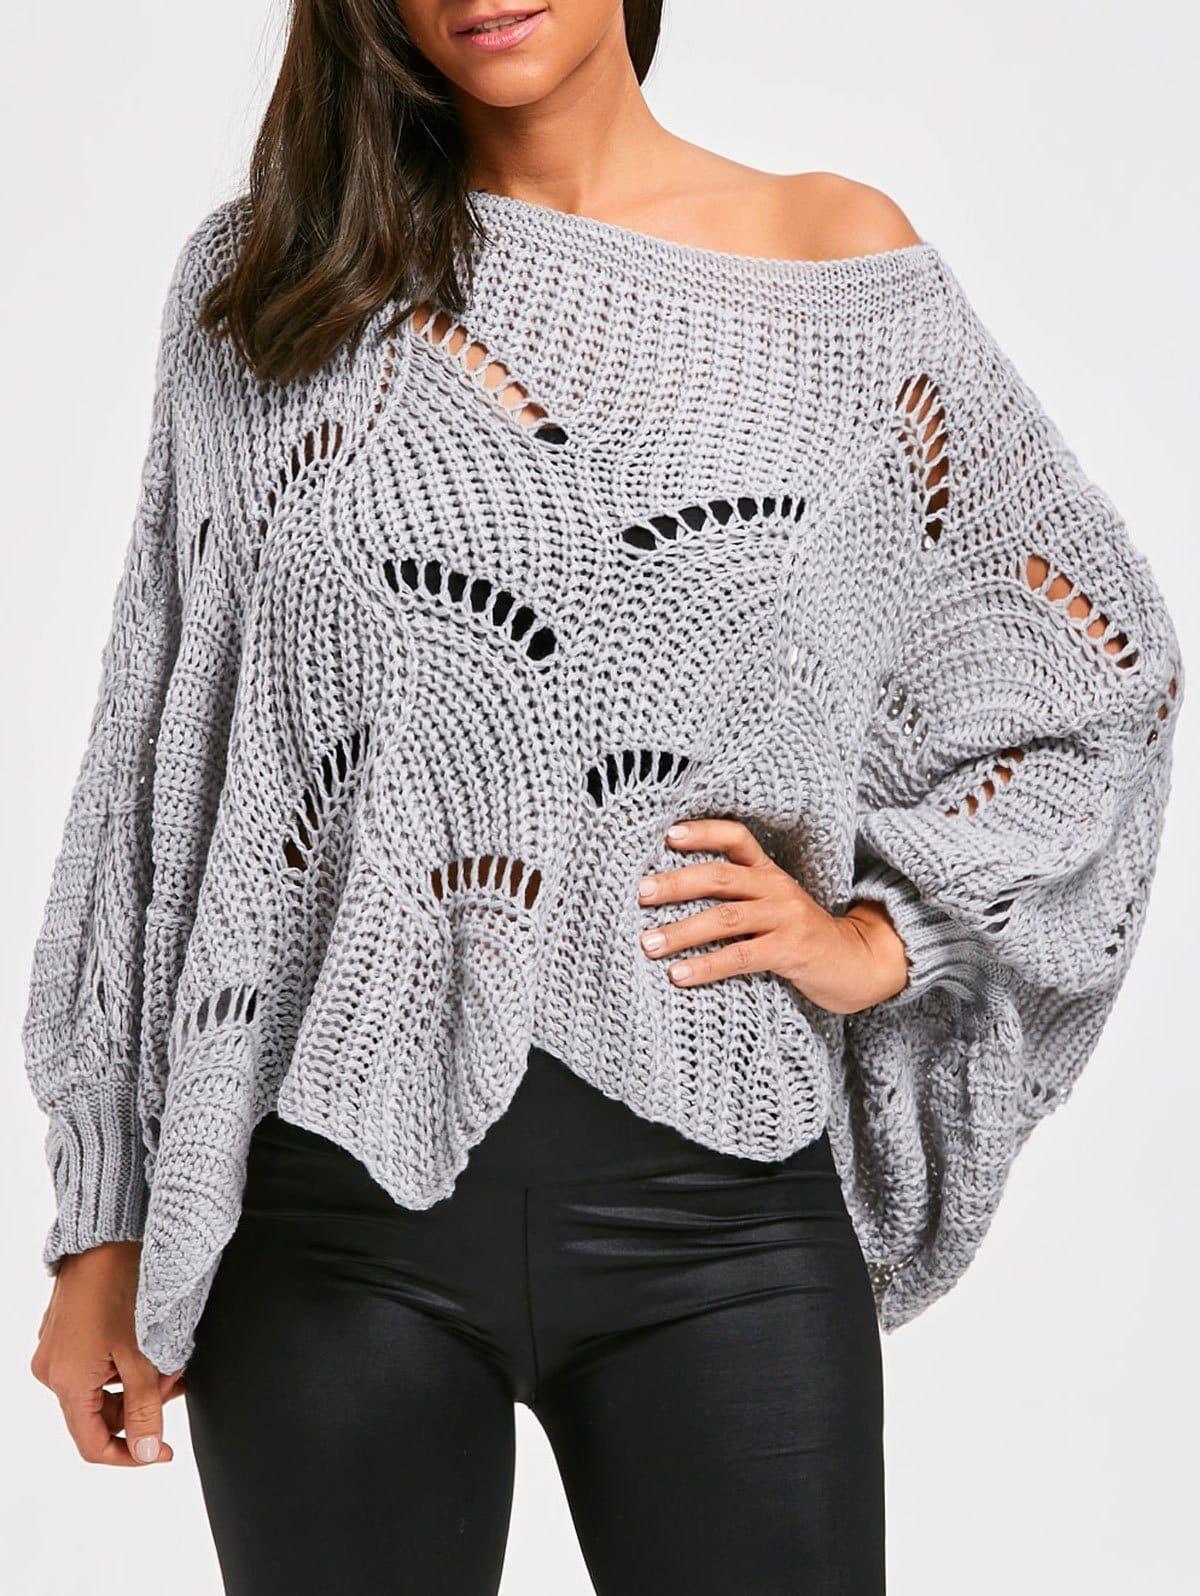 свитер вязаный крючком фото и схема улице